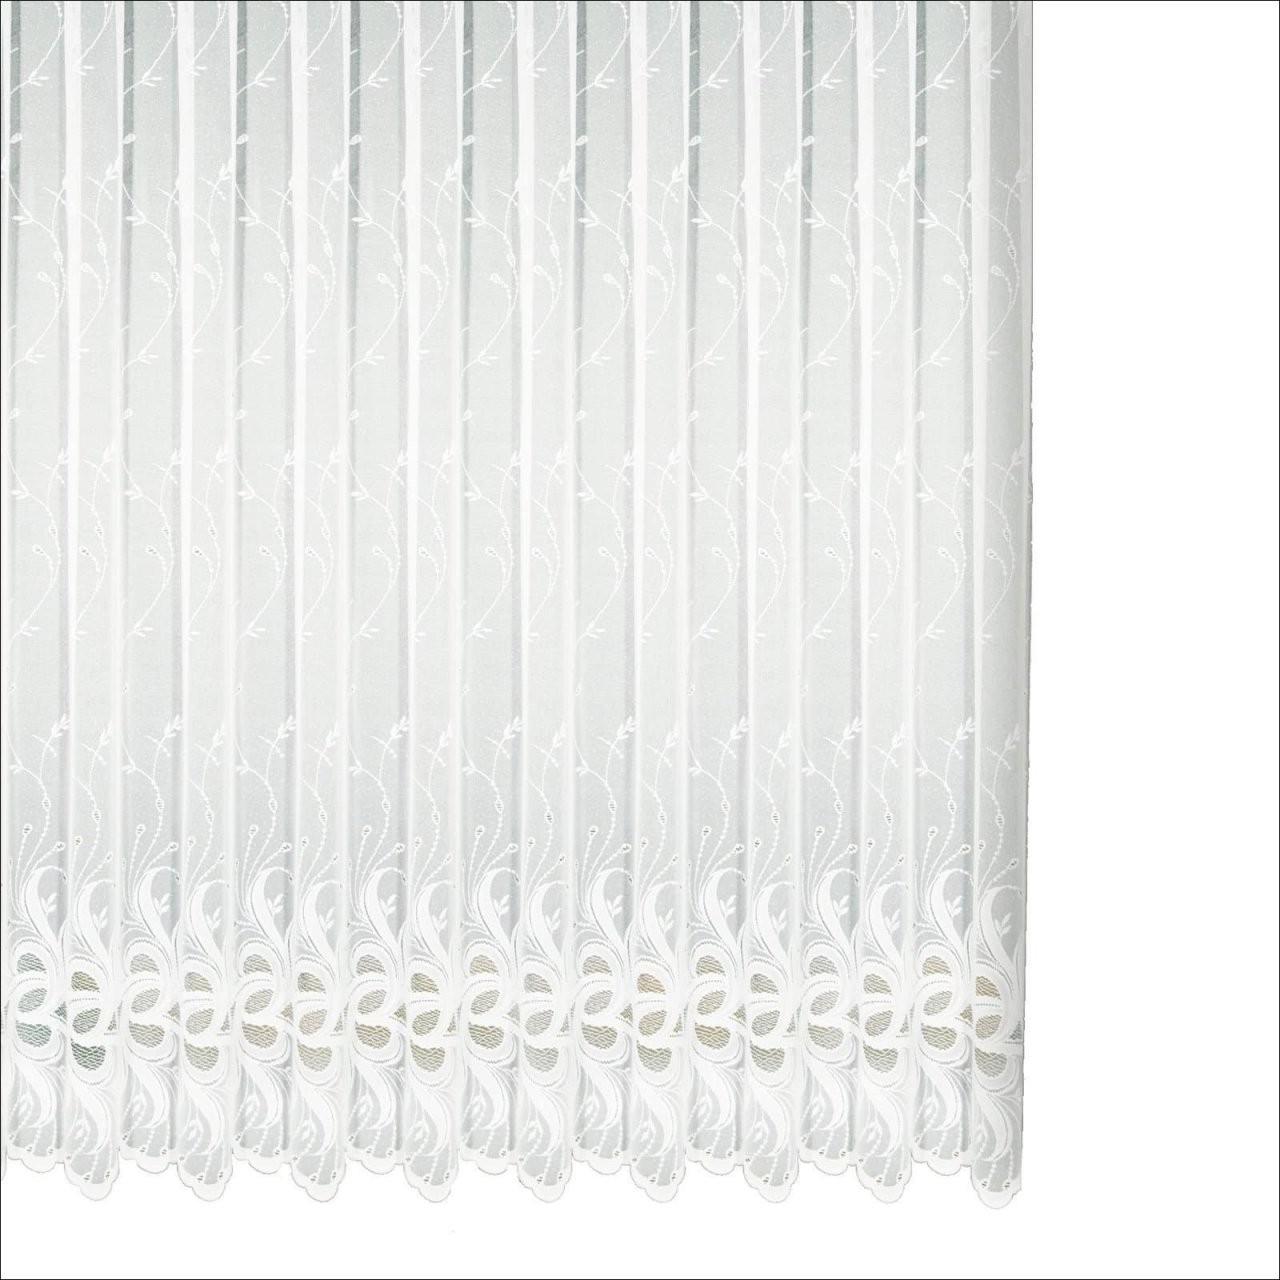 Vorhang Gardine Lang 300 X 160 Cm Feine Horizontale Beste Von von Vorhänge 300 Cm Lang Photo